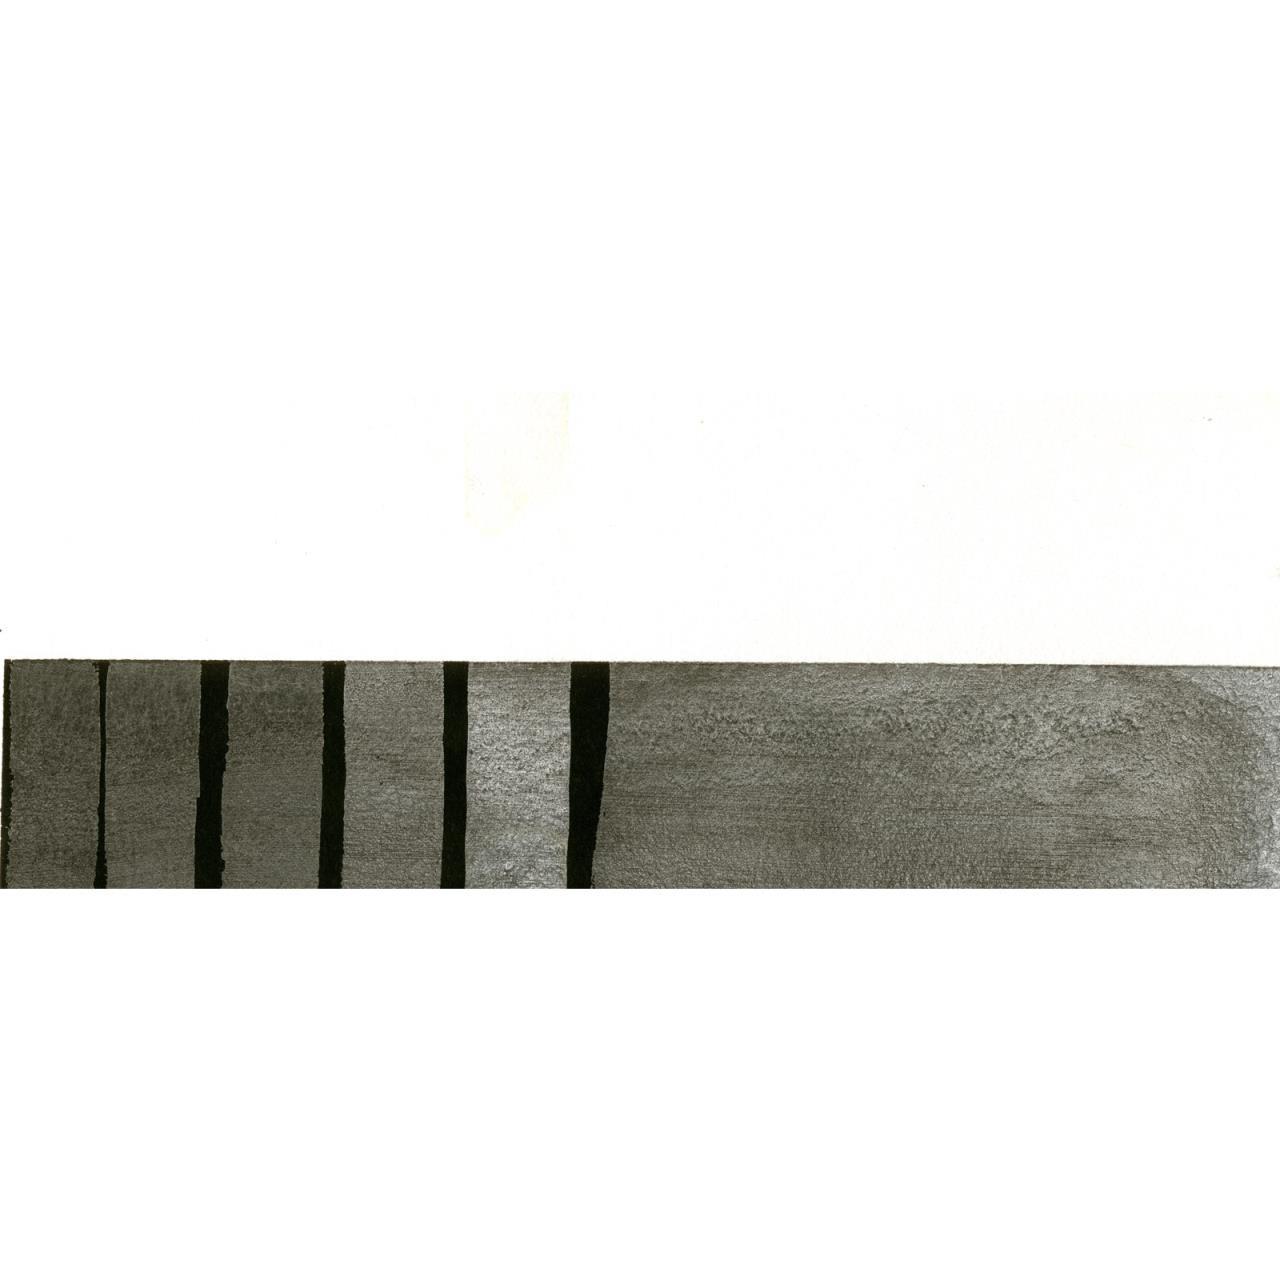 Titanium White, DANIEL SMITH Extra Fine Watercolors 5ml Tubes -